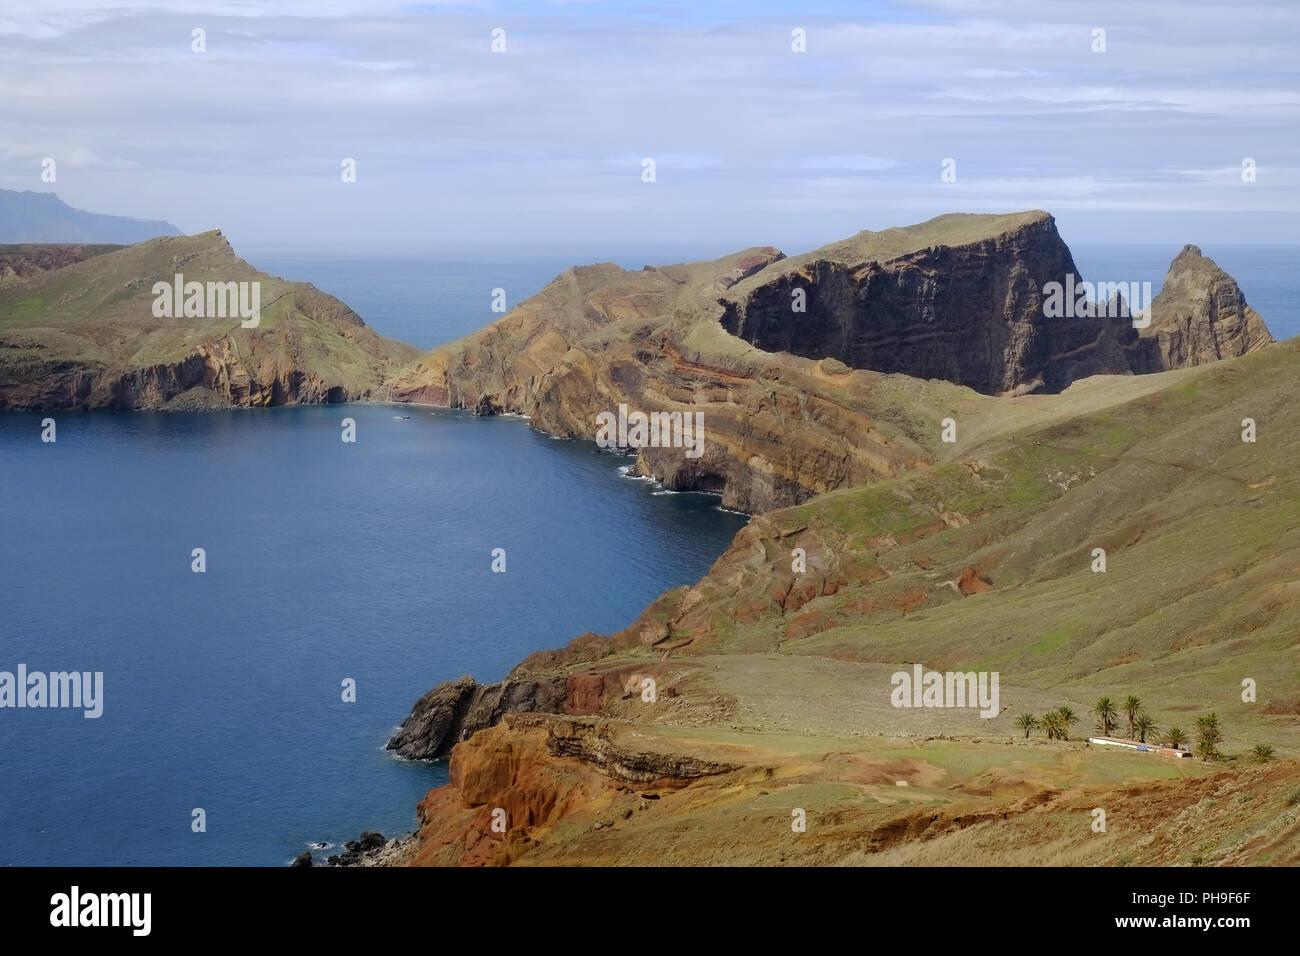 Ponta de Sao Lourenco, Madeira, Northeast Coast - Stock Image